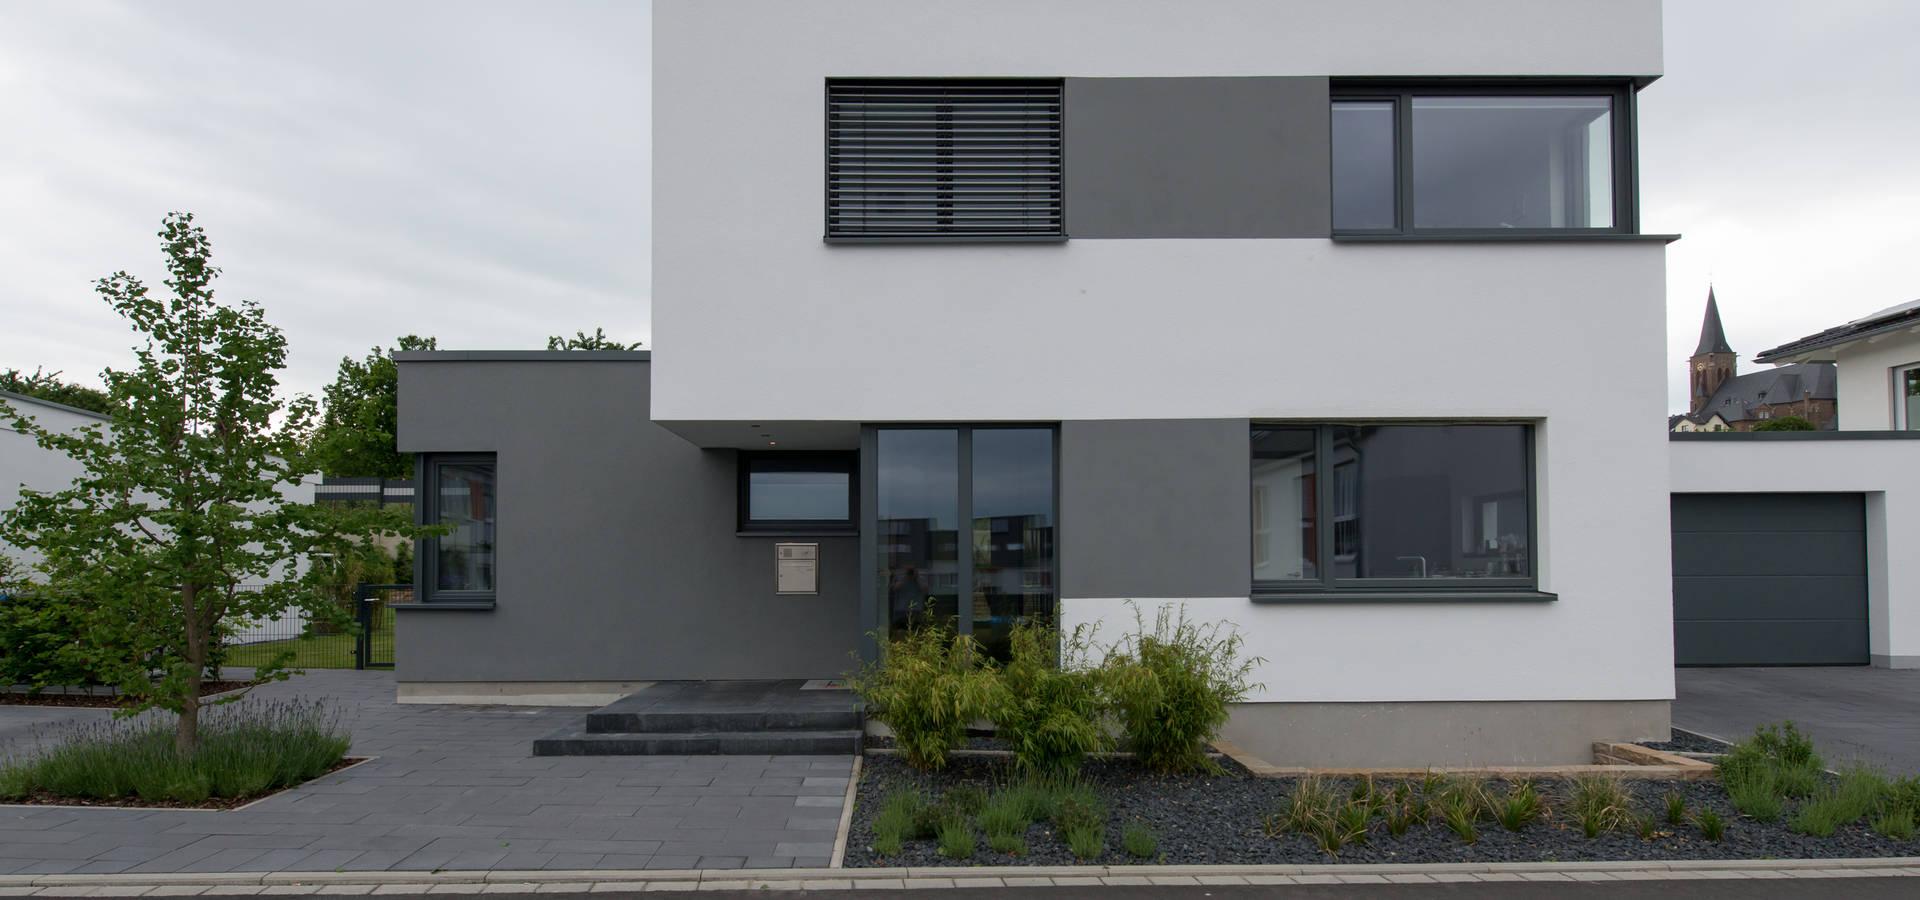 Grotegut Architekten